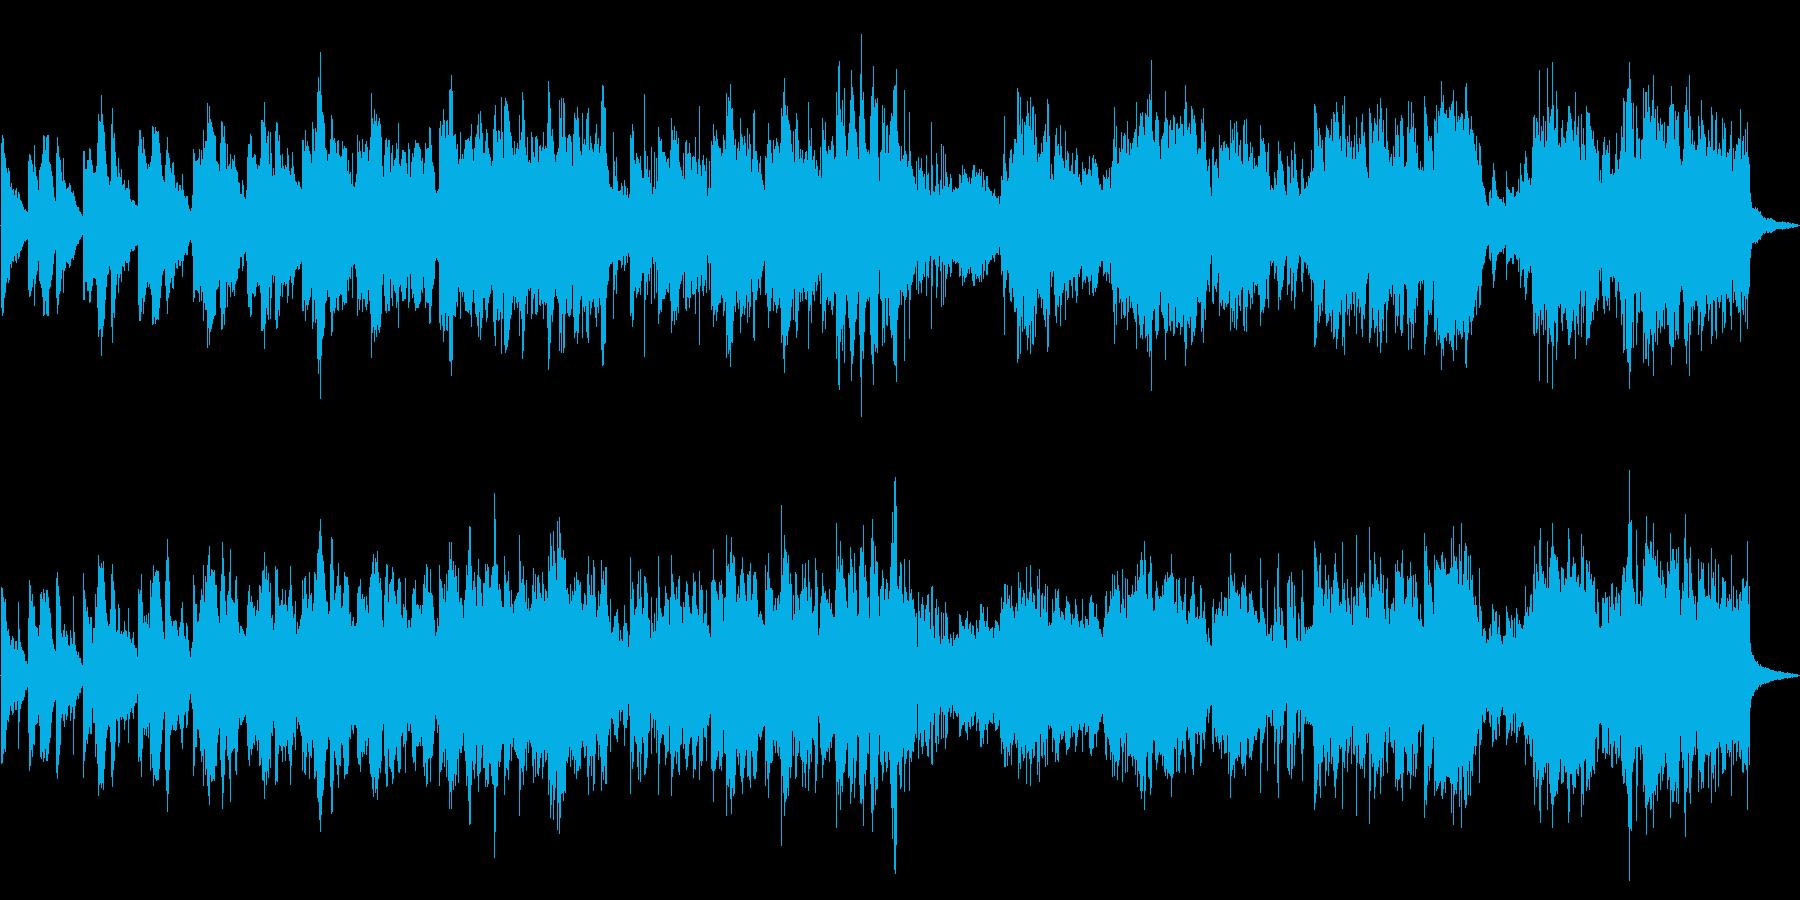 民族楽器の訛ったリズムが印象的なバラードの再生済みの波形